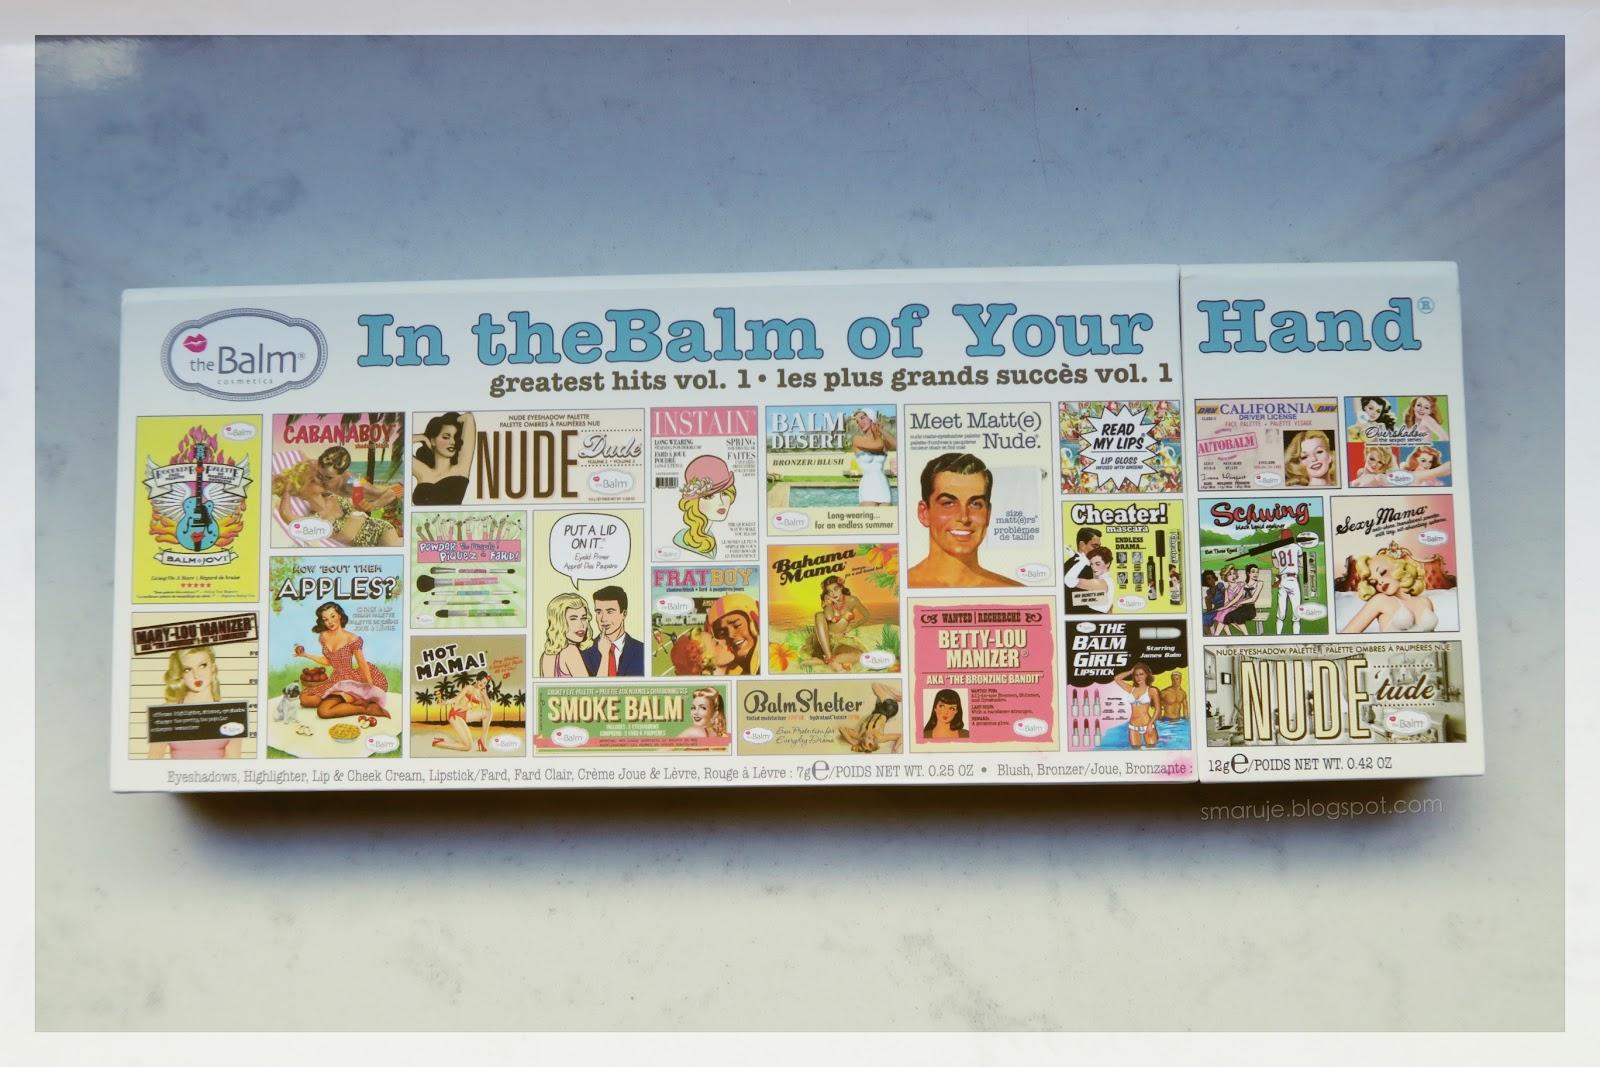 Przegląd produktów theBalm dzięki palecie In theBalm Of Your Hand